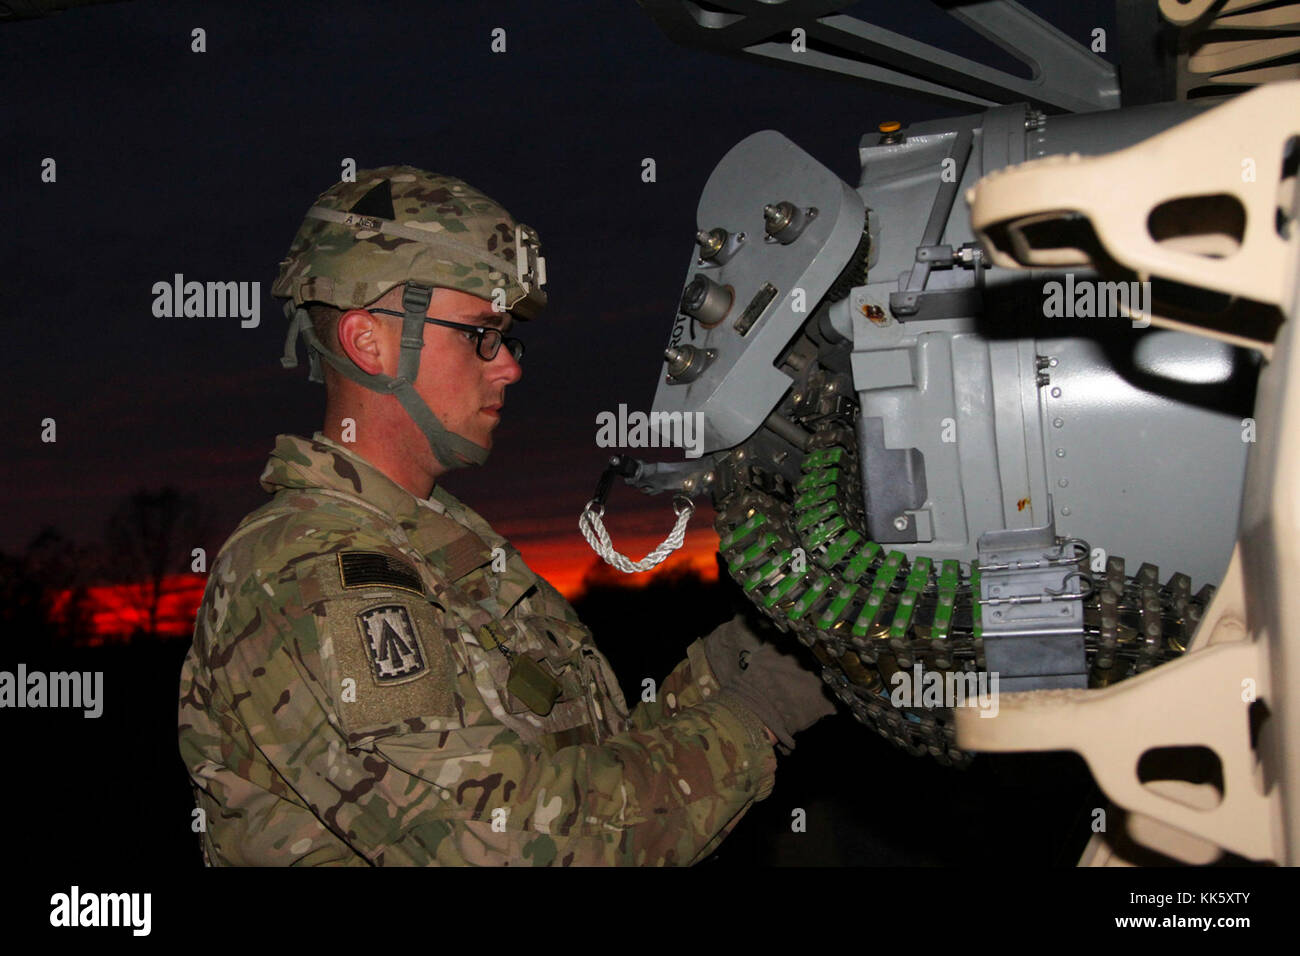 La CPS. Alexander Jones, un opérateur radar firefinder artillerie avec une batterie, 2e Bataillon, 44e Régiment d'artillerie de défense aérienne, attribué à 108e Brigade d'artillerie de défense aérienne, et attaché à la 101st Airborne Division (Air Assault), Brigade de soutien 101e Abn. Div., vérifie les munitions sur le système d'armes Phalanx terrestre, le 8 novembre, 2017, au cours de l'exercice de tir réel à Fort Campbell, Kentucky. (U.S. Photo de l'armée par la CPS. Alexes Anderson/101e SBDE Affaires publiques) Banque D'Images